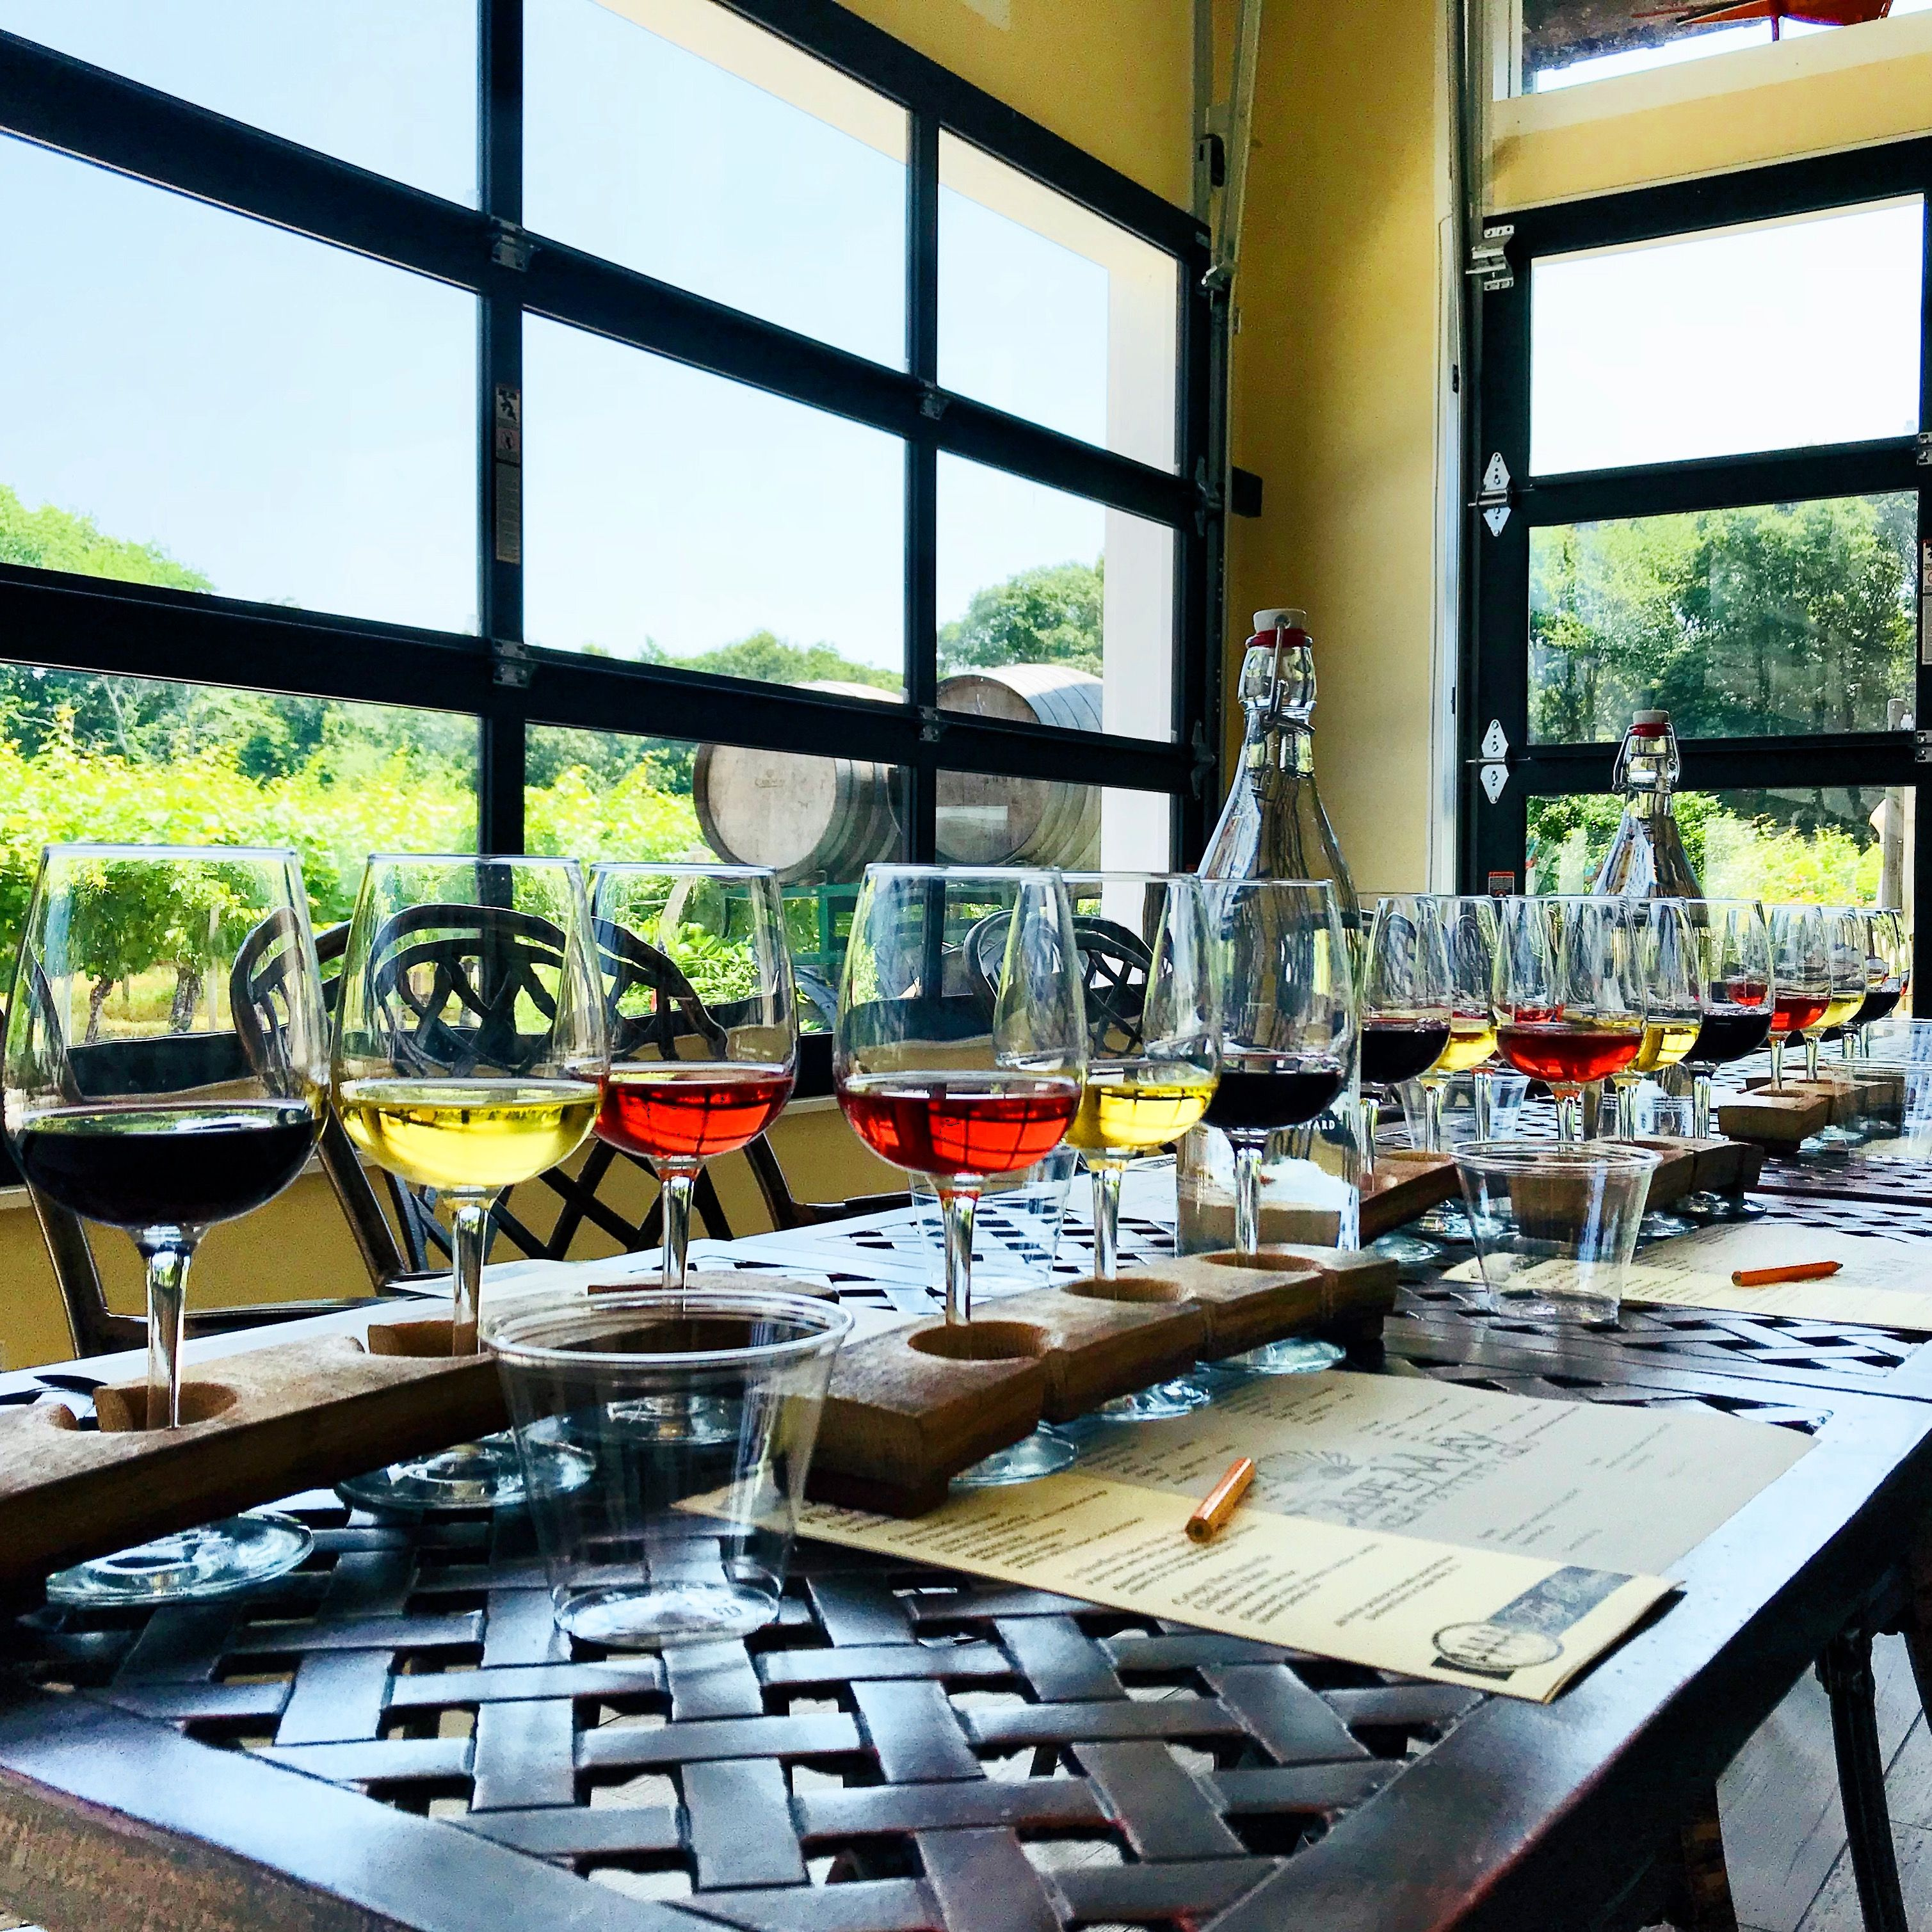 Cape may winery tours winery tours cape may winery tours